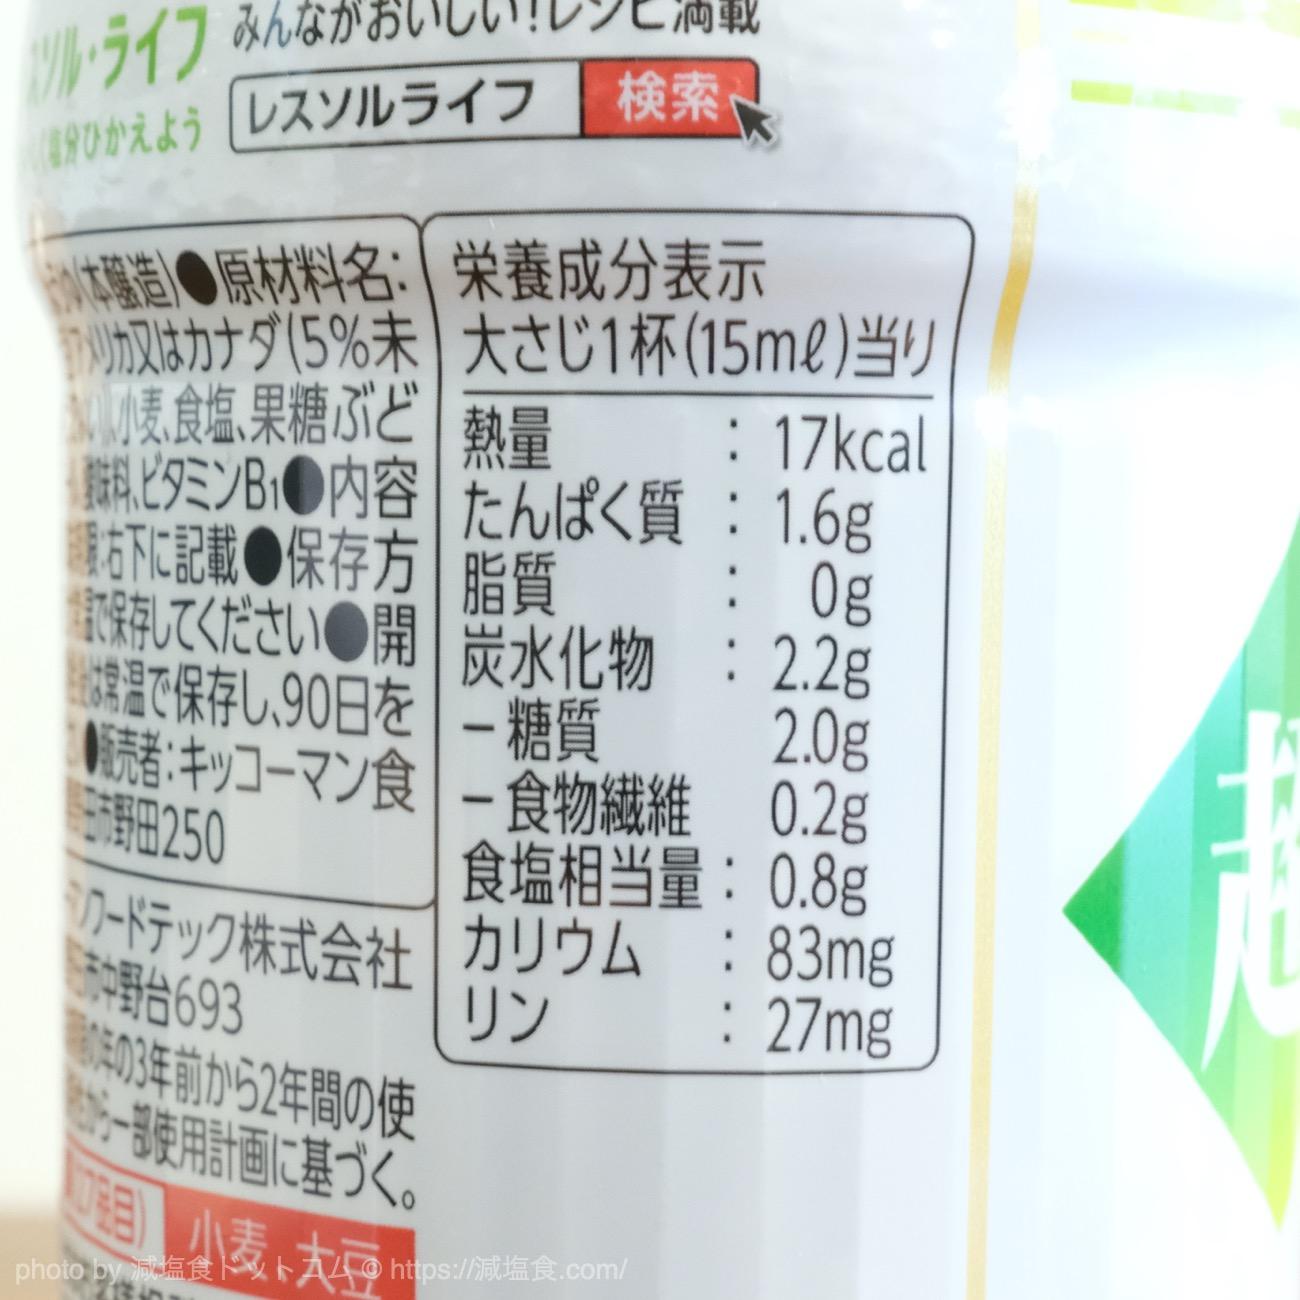 キッコーマン 超減塩しょうゆ 栄養成分表示